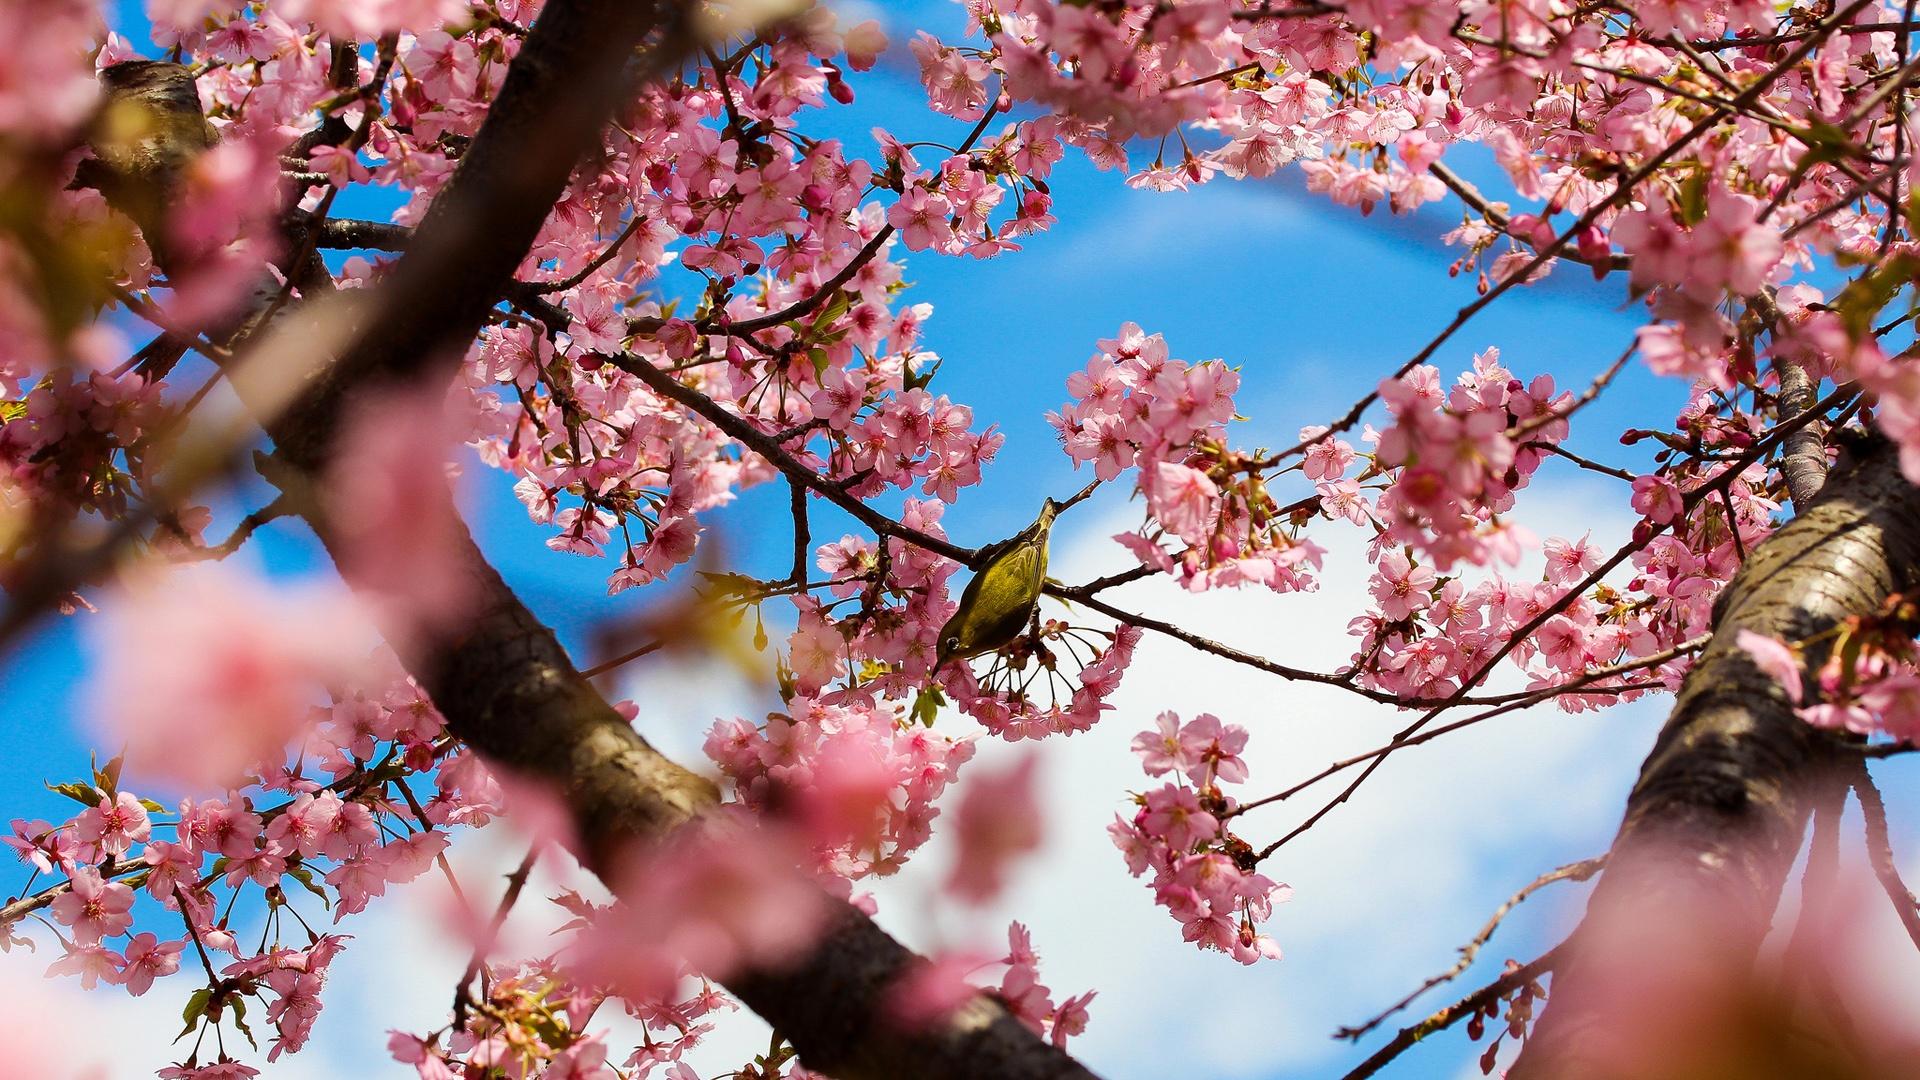 Fonds D Ecran Tokyo Au Japon Les Cerisiers Du Parc Fleurs Roses